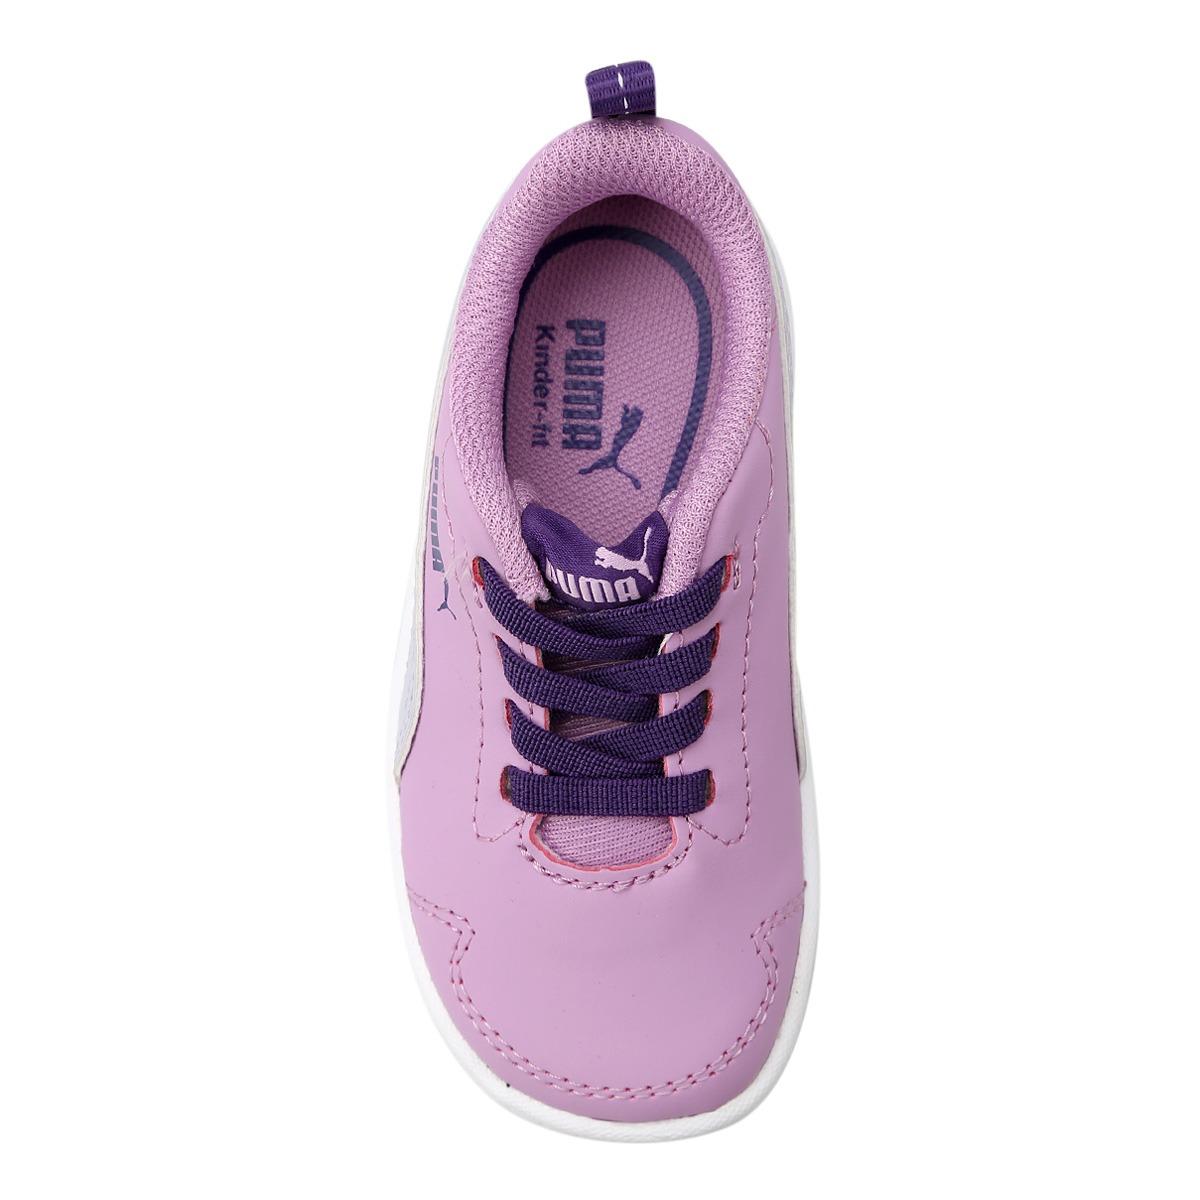 a2596c5b717 tênis puma courtflex roxo branco feminino infantil. Carregando zoom.